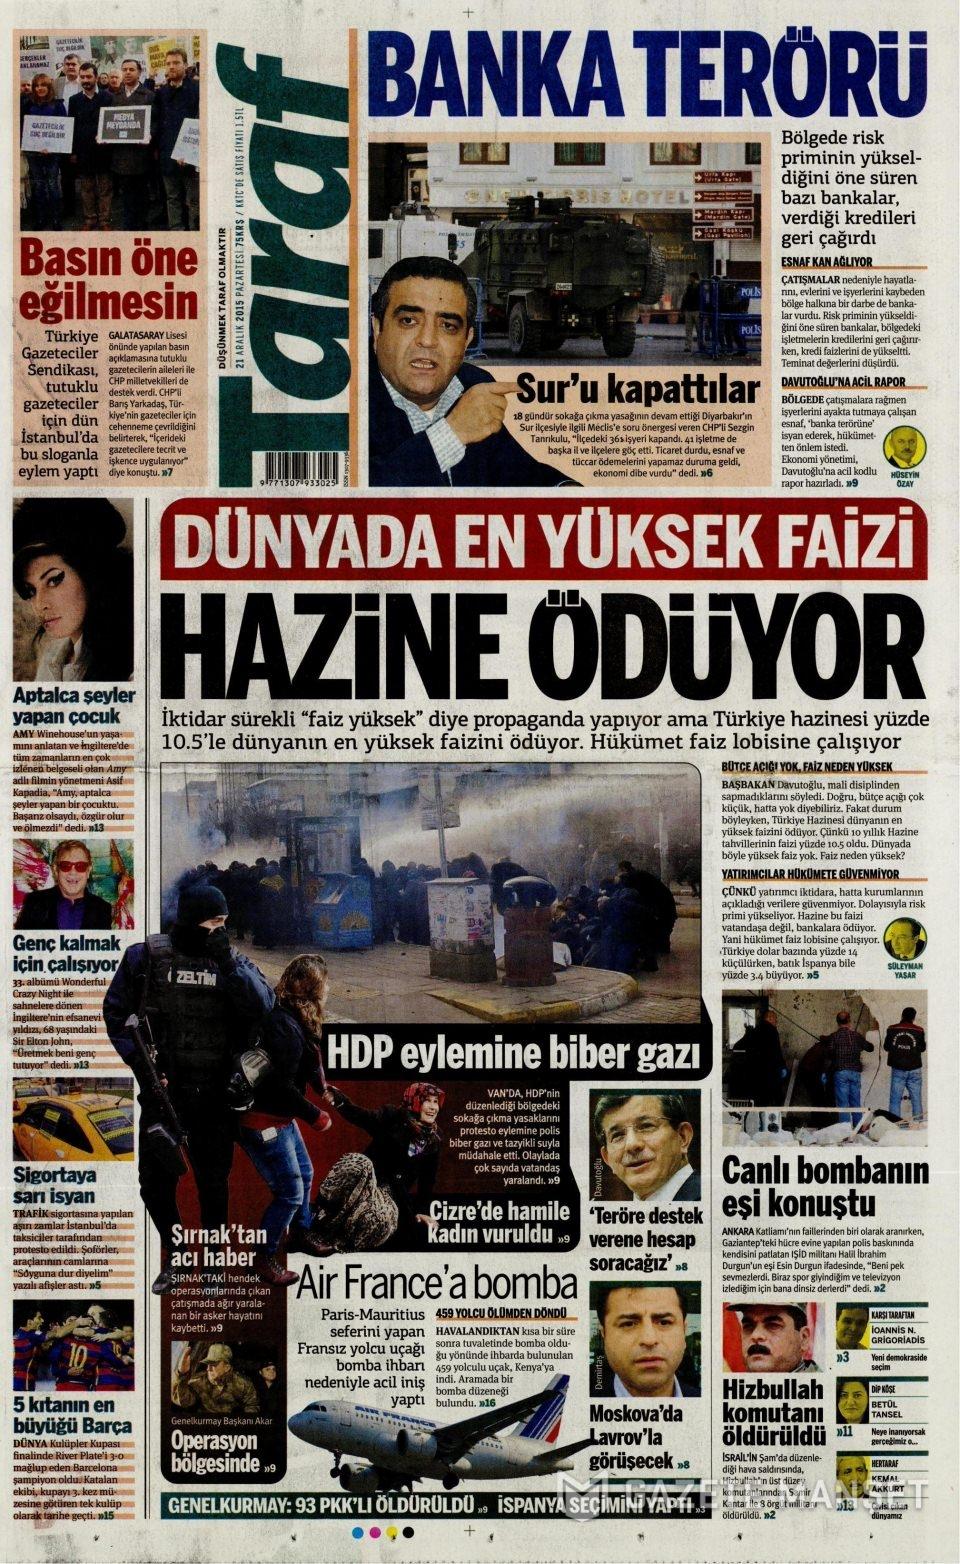 21 Aralık 2015 gazete manşetleri 17